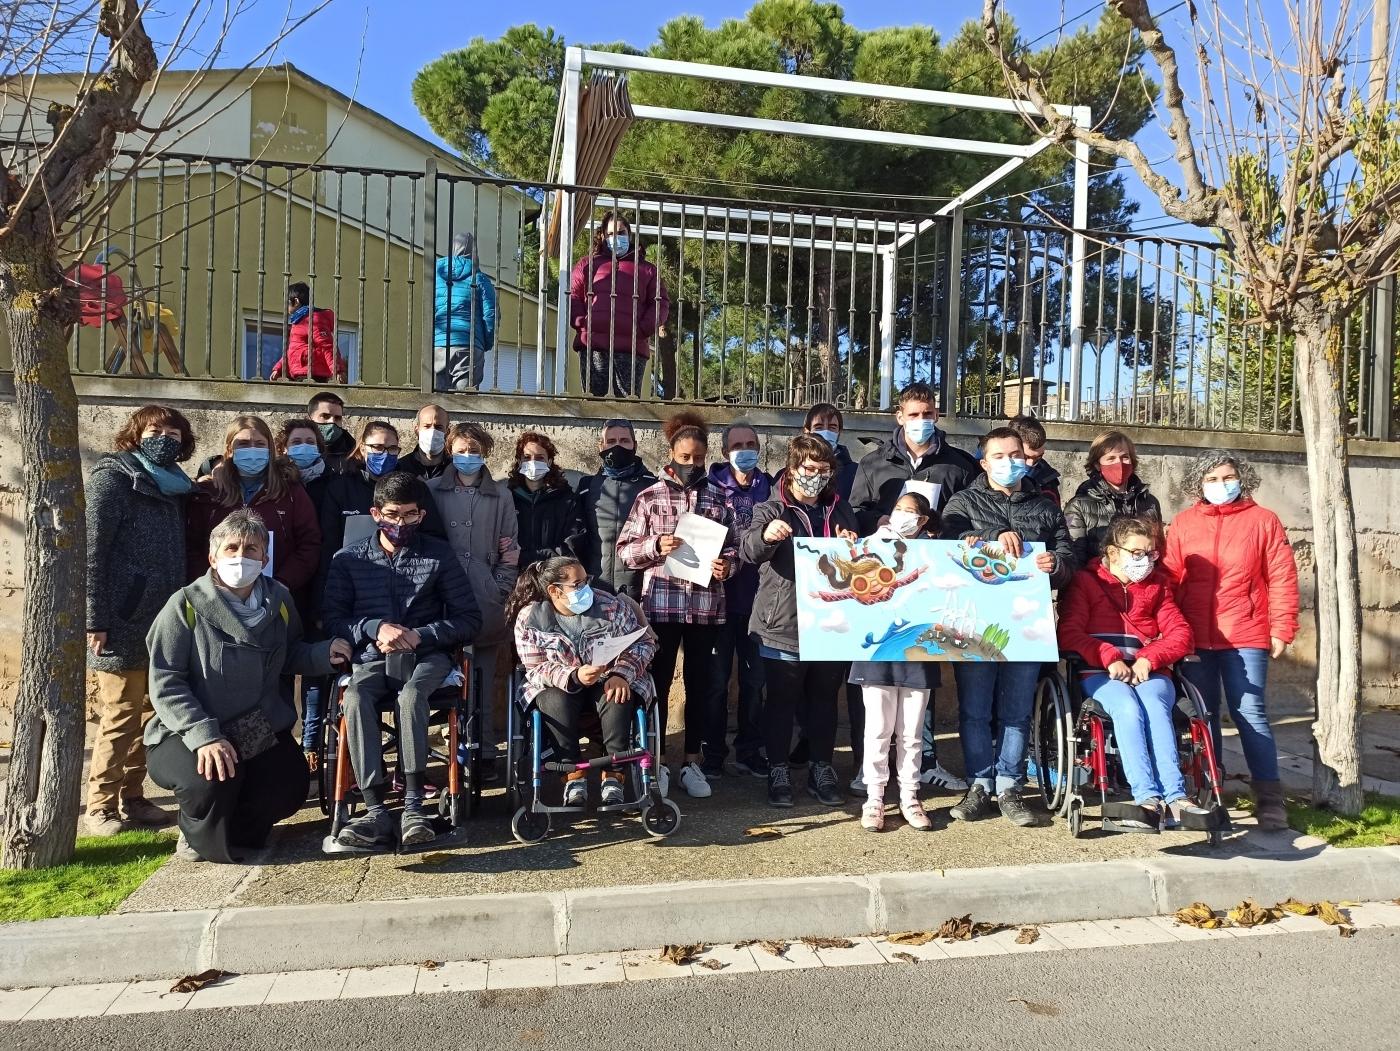 Es presenta el disseny del mural que es pintarà al mur exterior de l'Escola Alba de Tàrrega coincidint amb el Dia Internacional de les Persones amb Discapacitat.